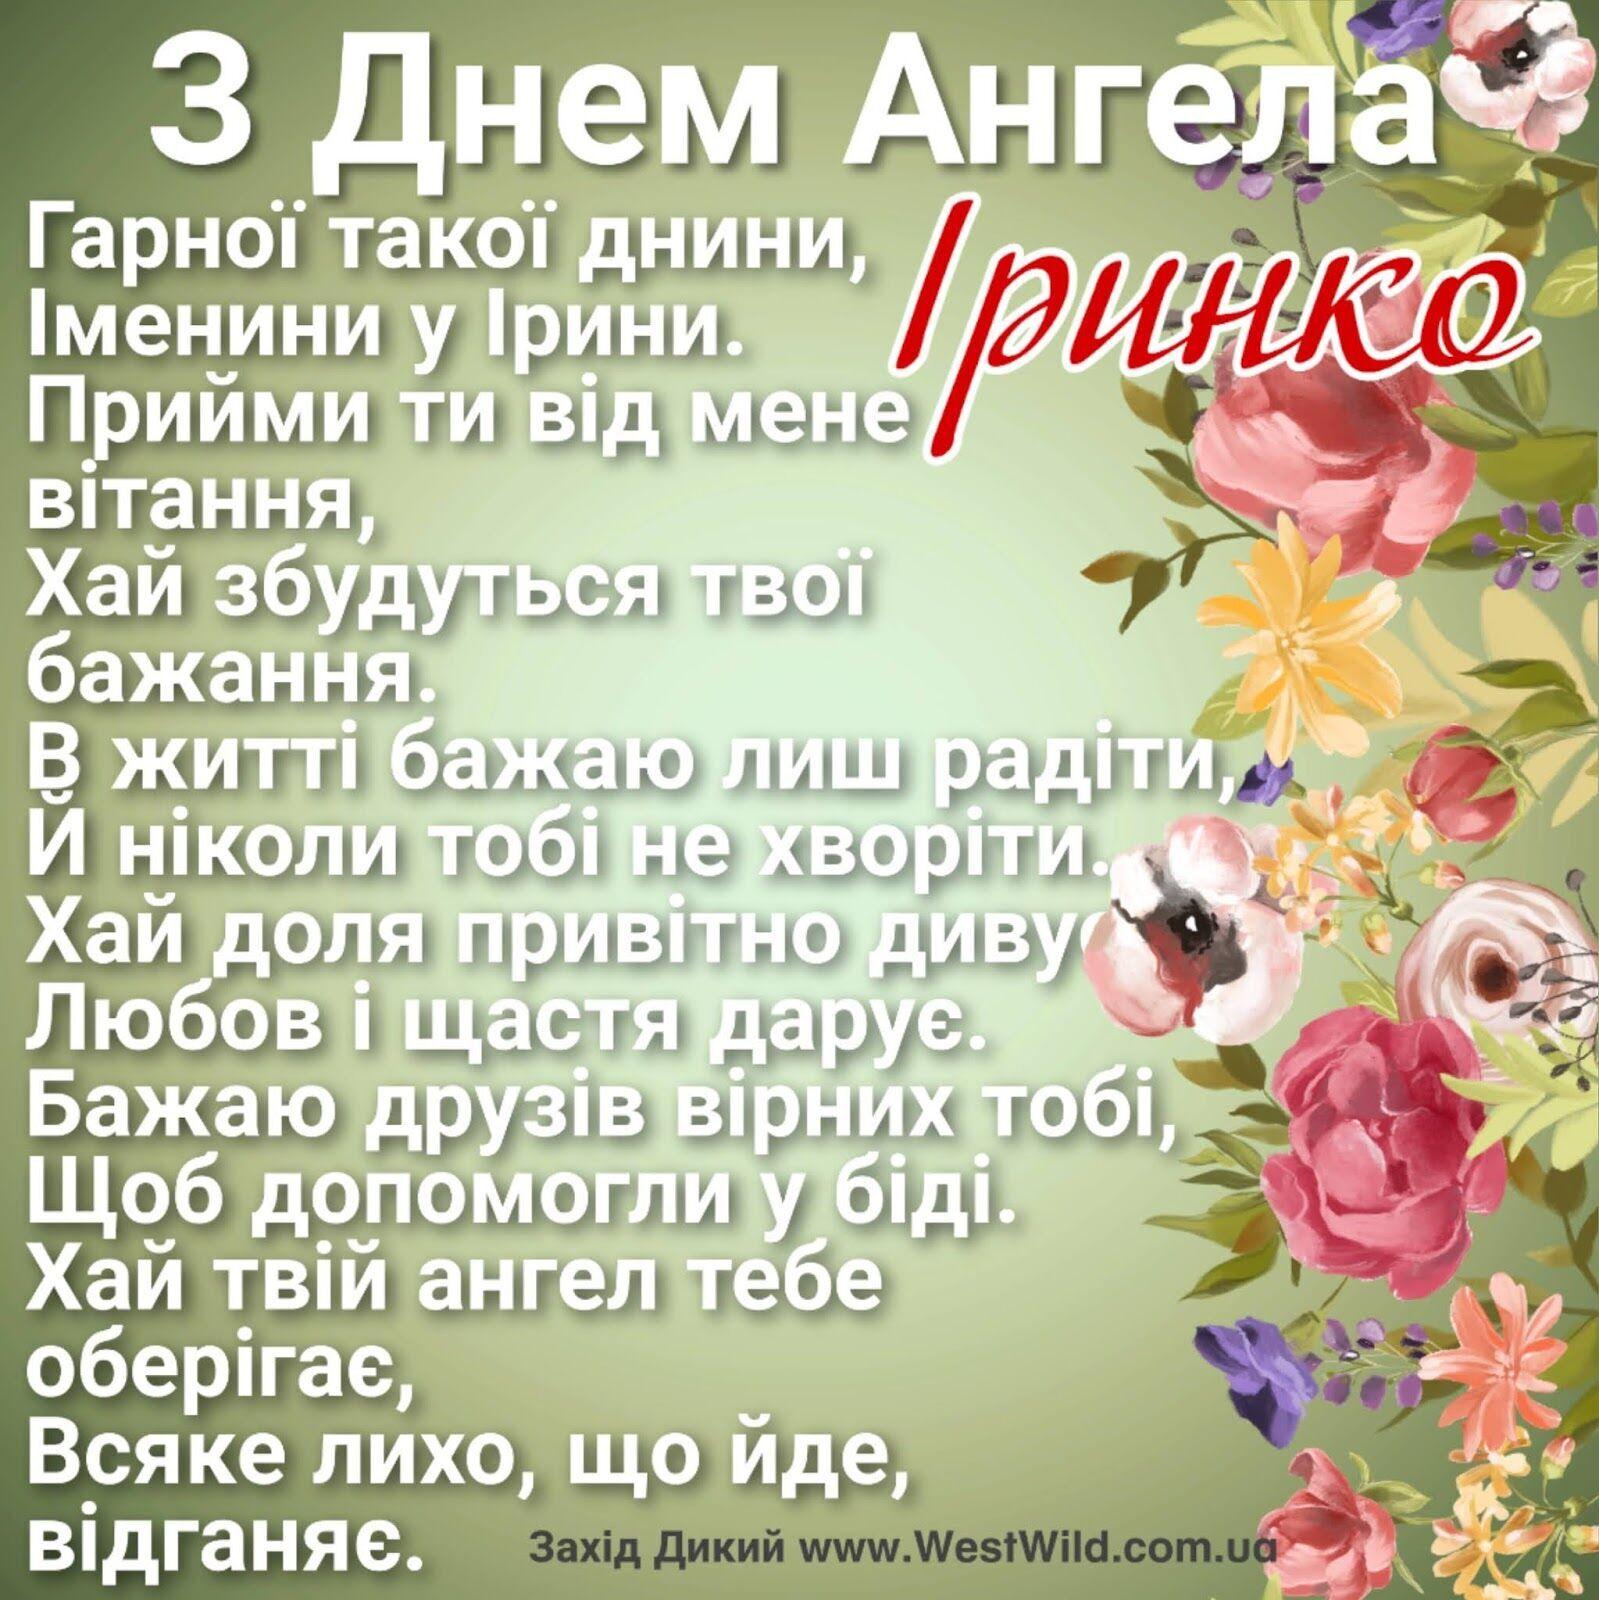 Поздравления с днем ангела Ирины